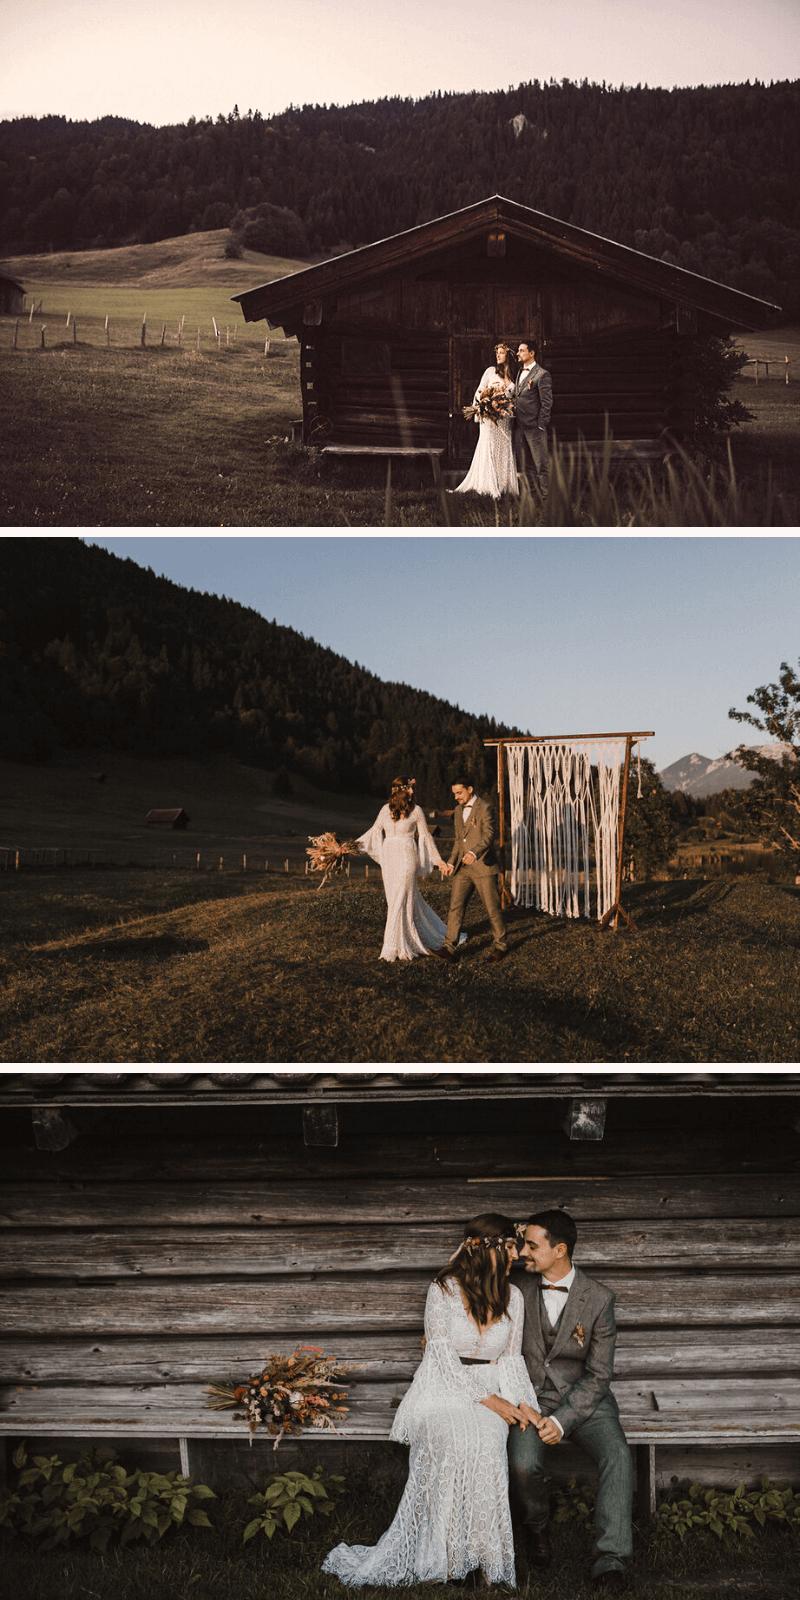 Brautpaarshooting auf dem Land, Ideen Hochzeitsfotos